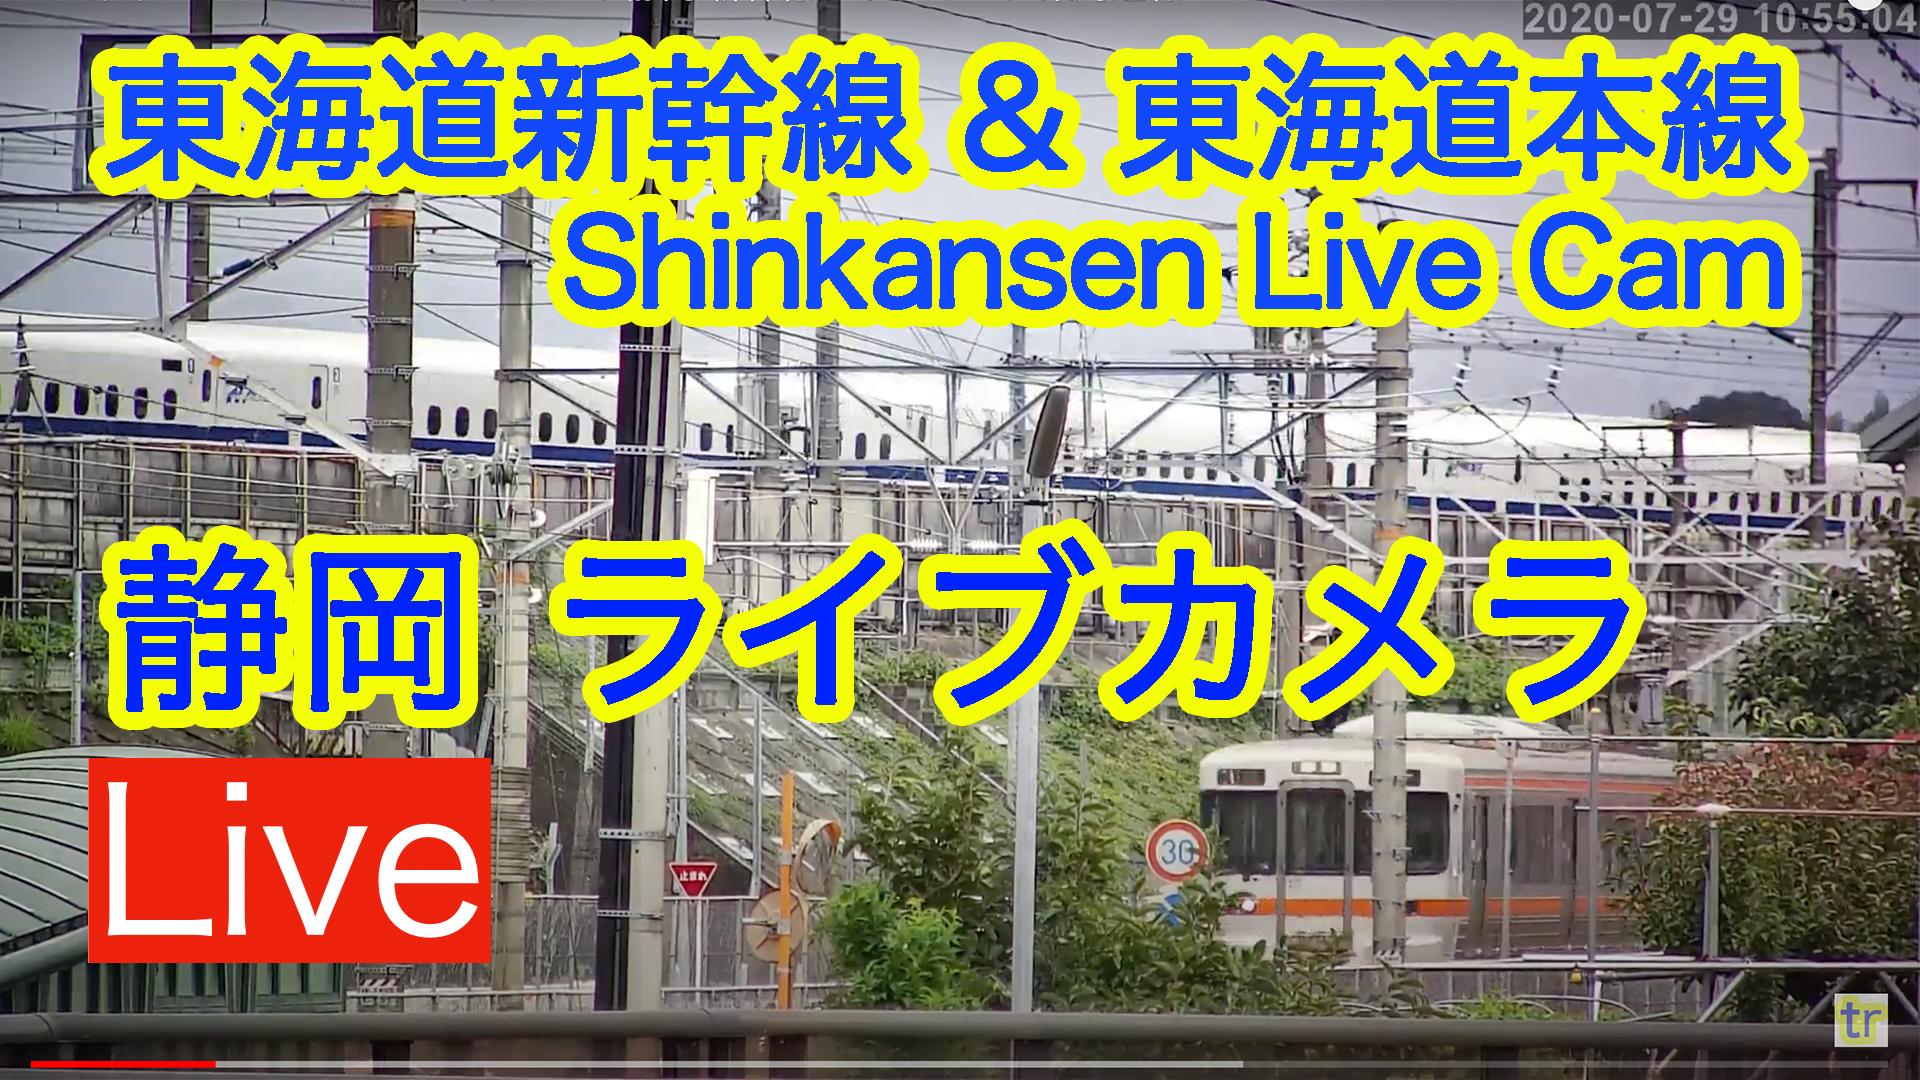 カメラ 巣鴨 ライブ 東京のライブカメラ映像ご案内